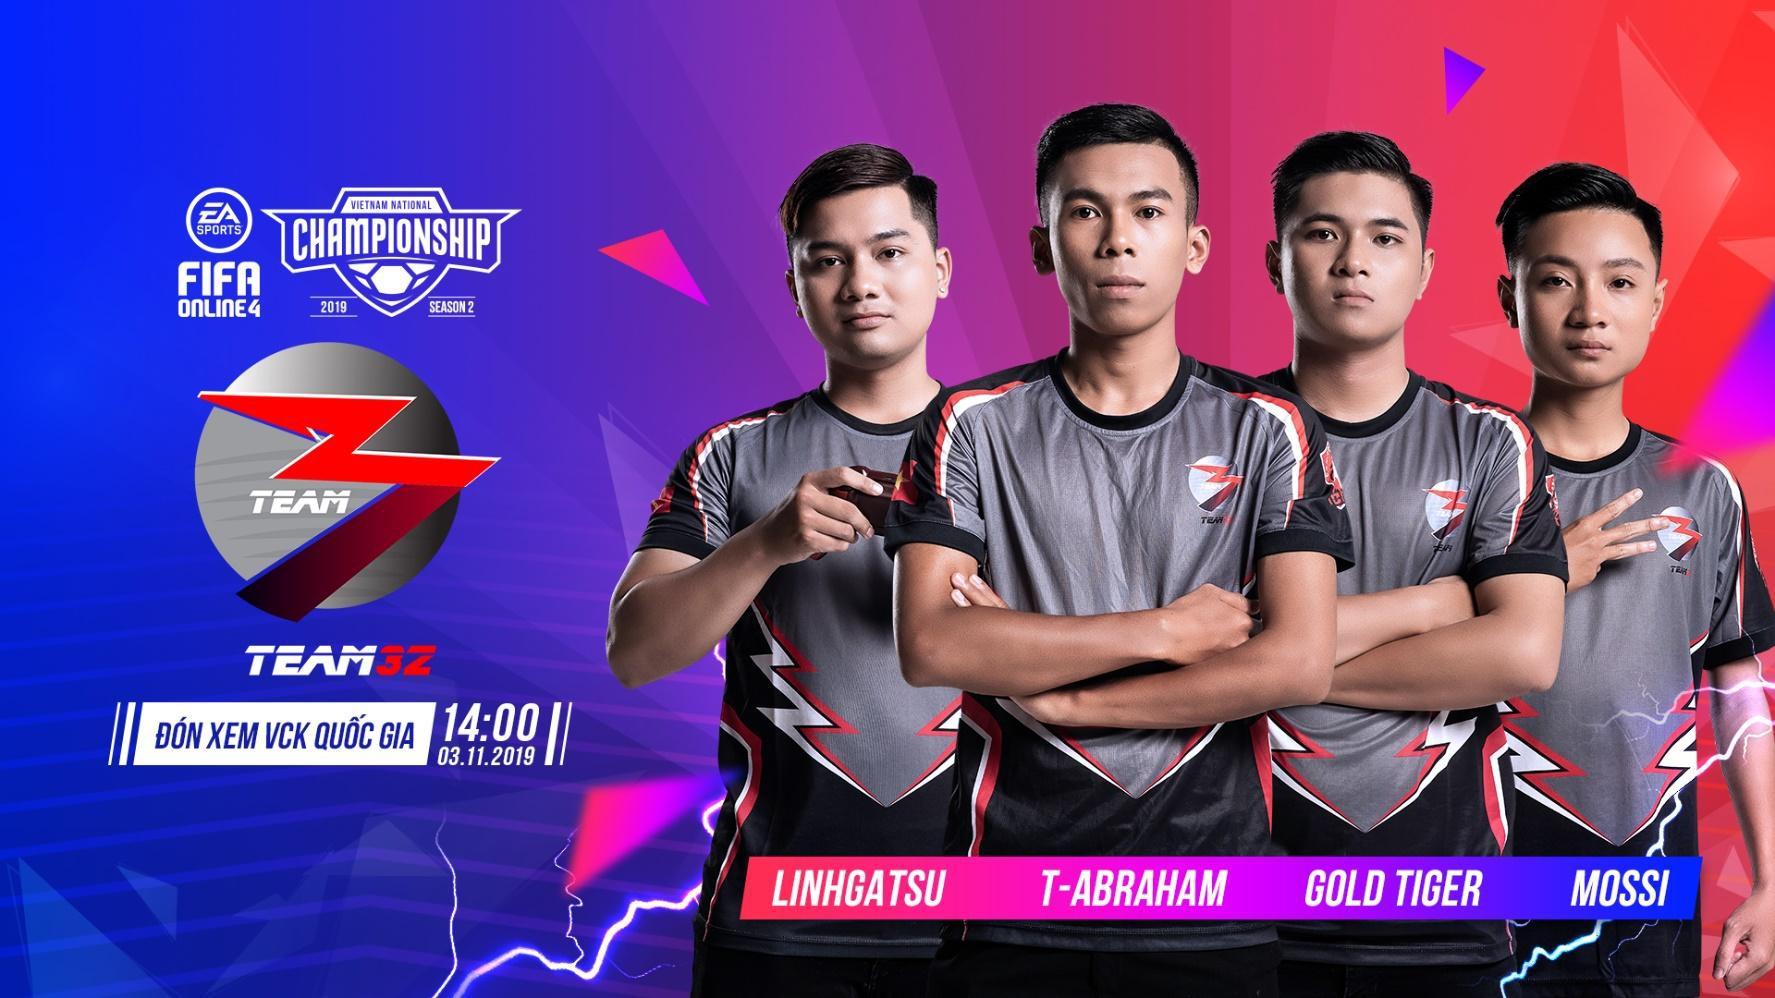 Mãn nhãn với trailer chính thức của FIFA Online 4 Việt Nam, ra mắt 4 đội tuyển mạnh nhất VCK Quốc gia FVNC 2019 mùa 2 - Ảnh 5.